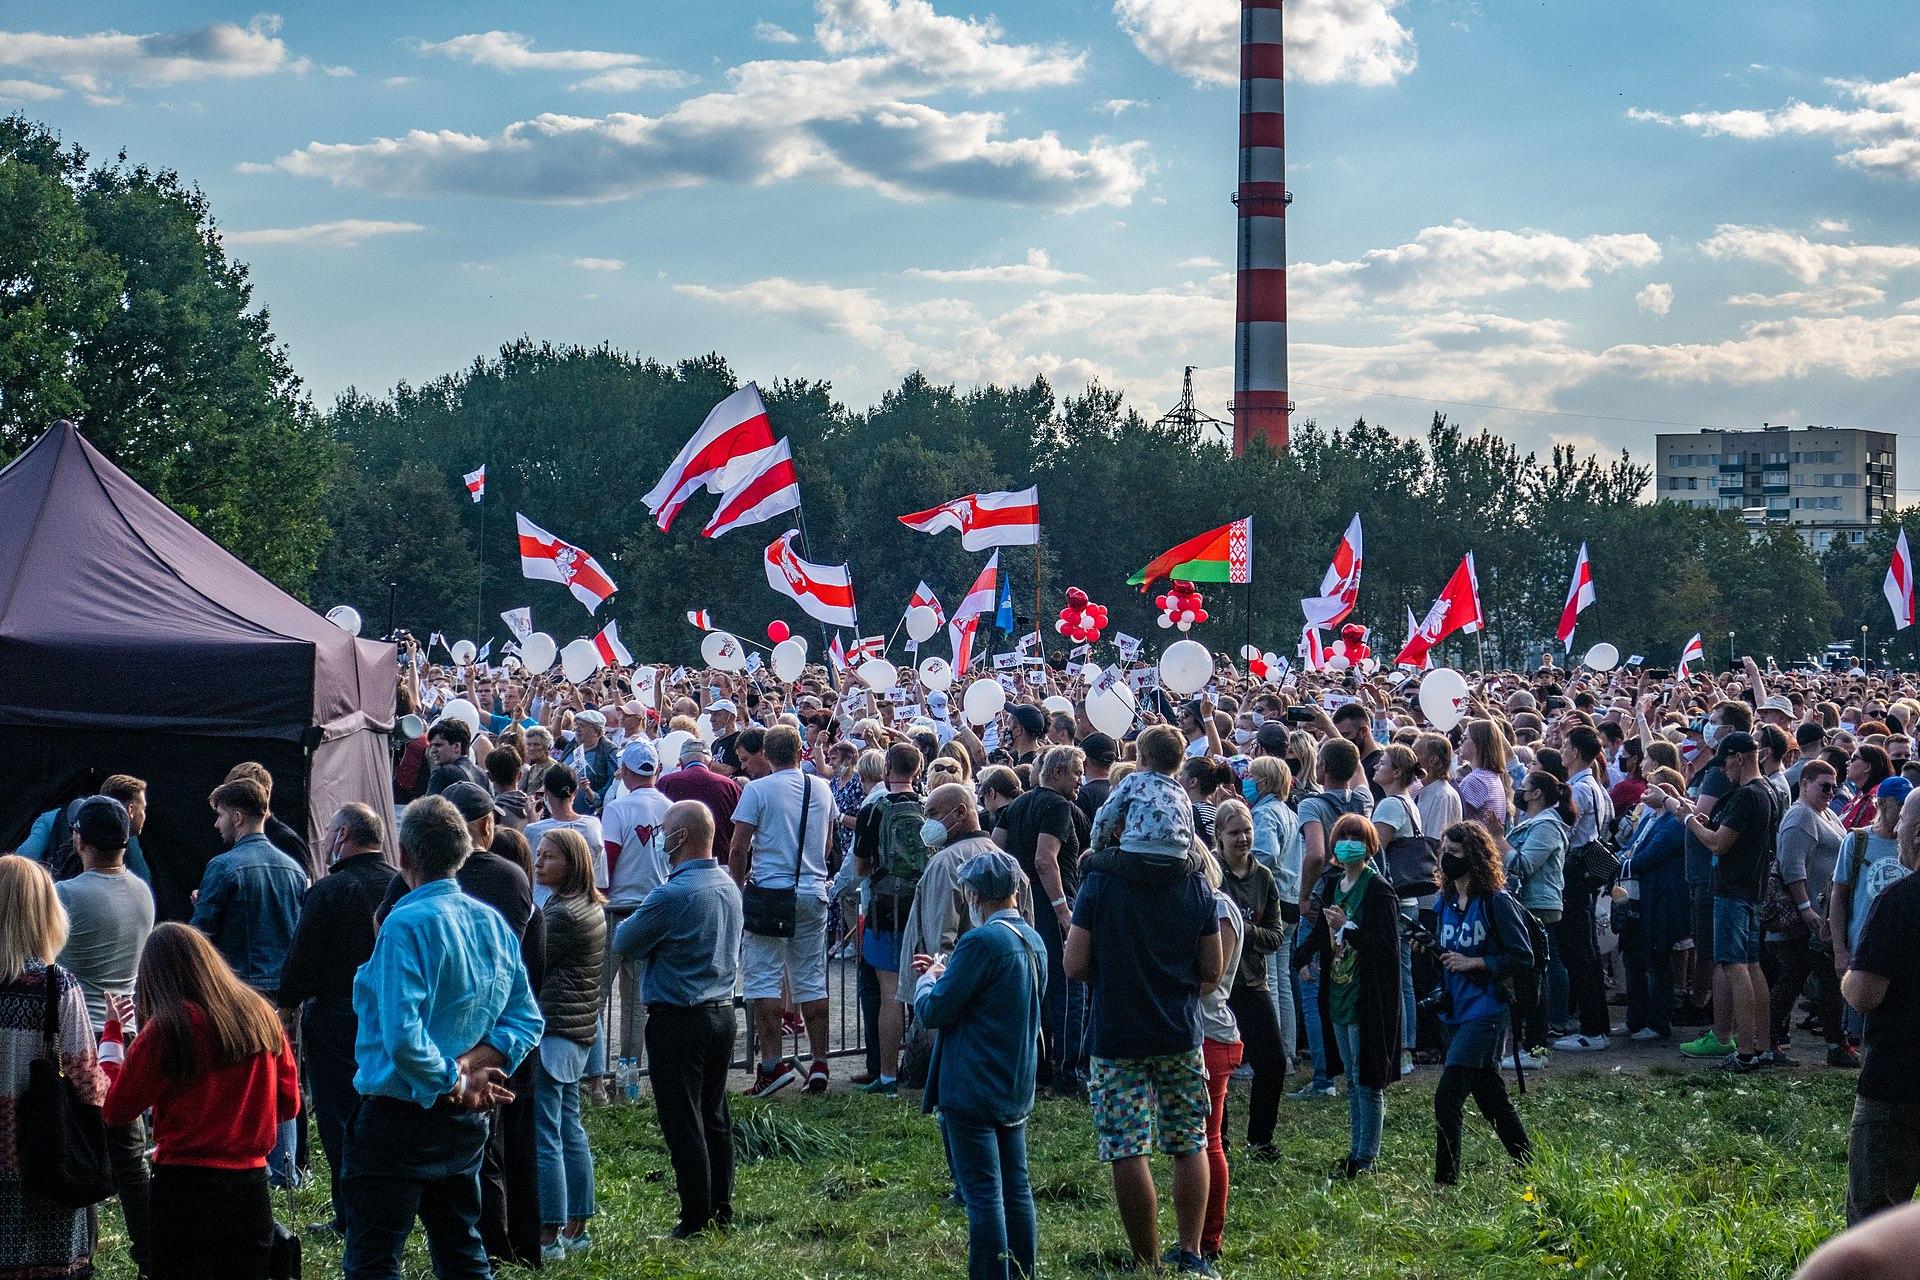 Rassemblement de soutien aux candidates à l'élections présidentielle bélarusse, à Minsk le 30 juillet. Source : Wikimedia Commons.